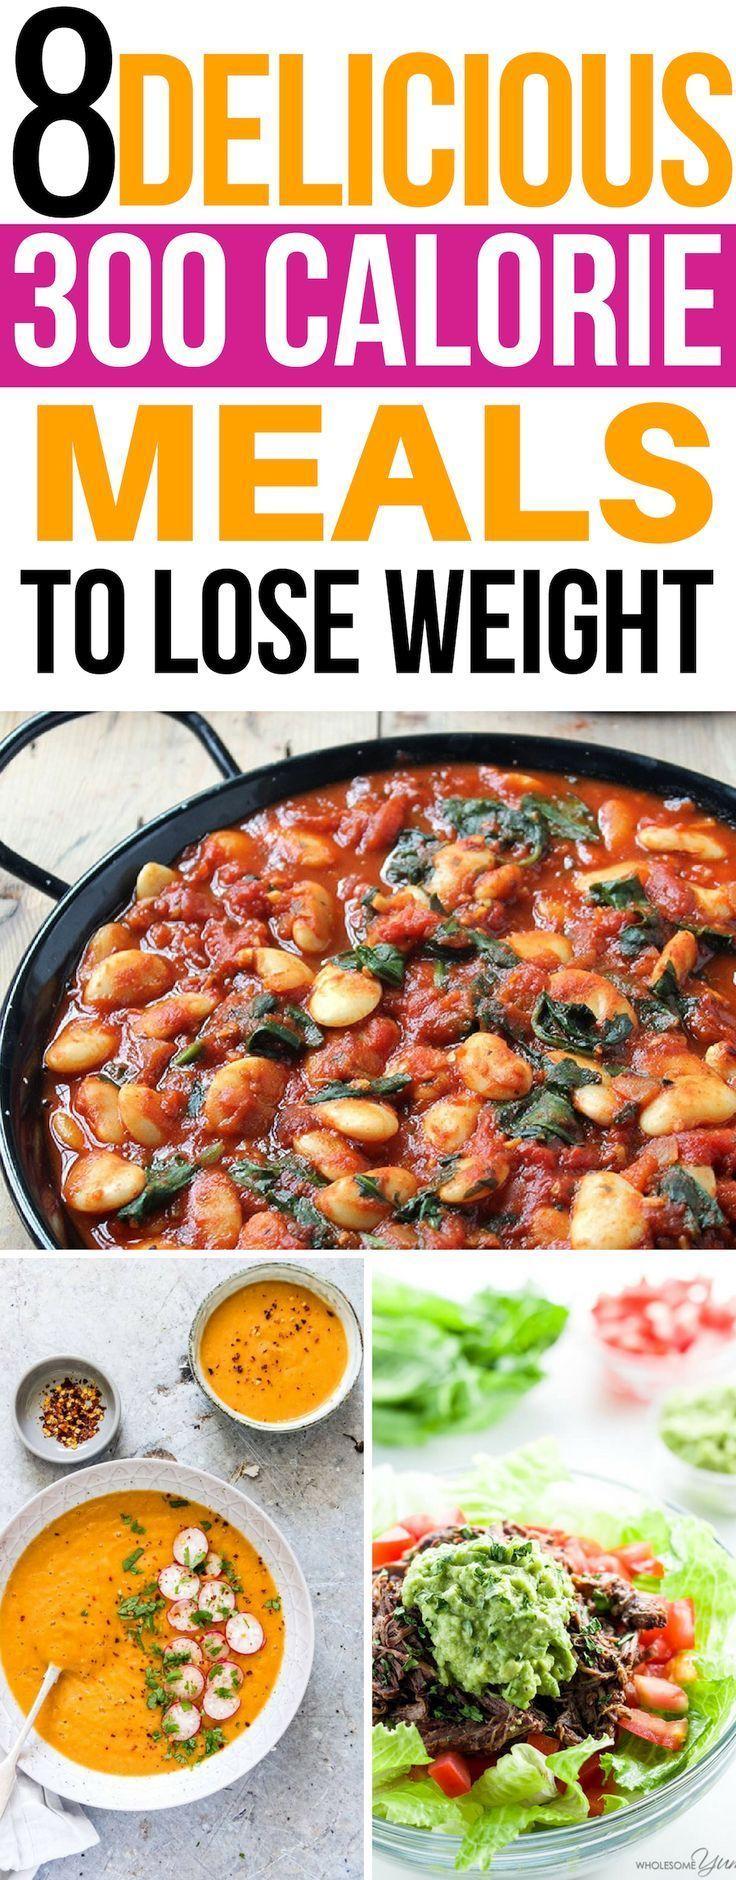 8 300 Kalorien Mahlzeiten, die Ihnen helfen, Gewicht zu verlieren - Workout/ Healthy Food #300caloriemeals